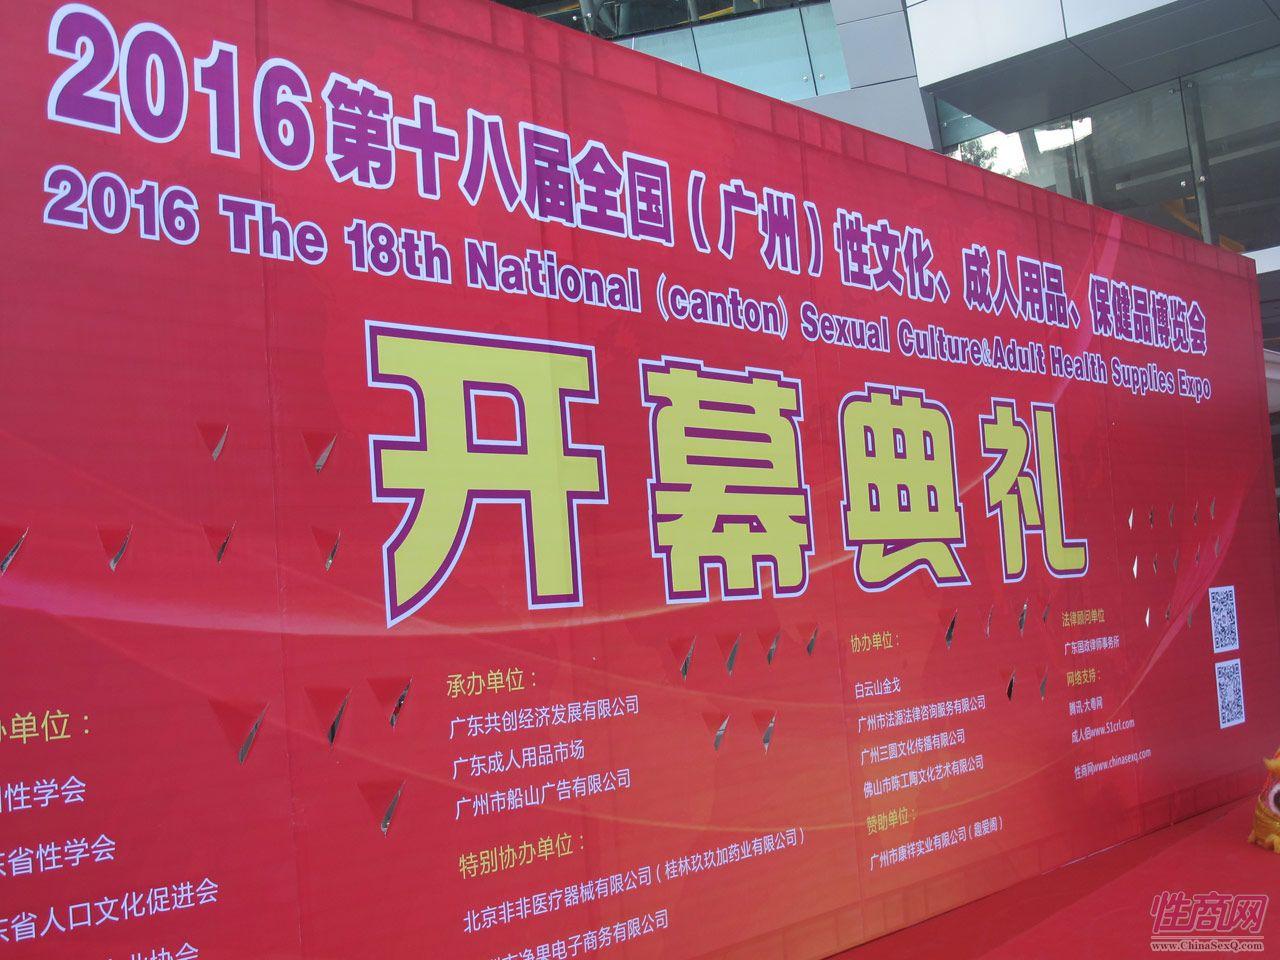 2016第十八届广州性文化节――展会现场图片3